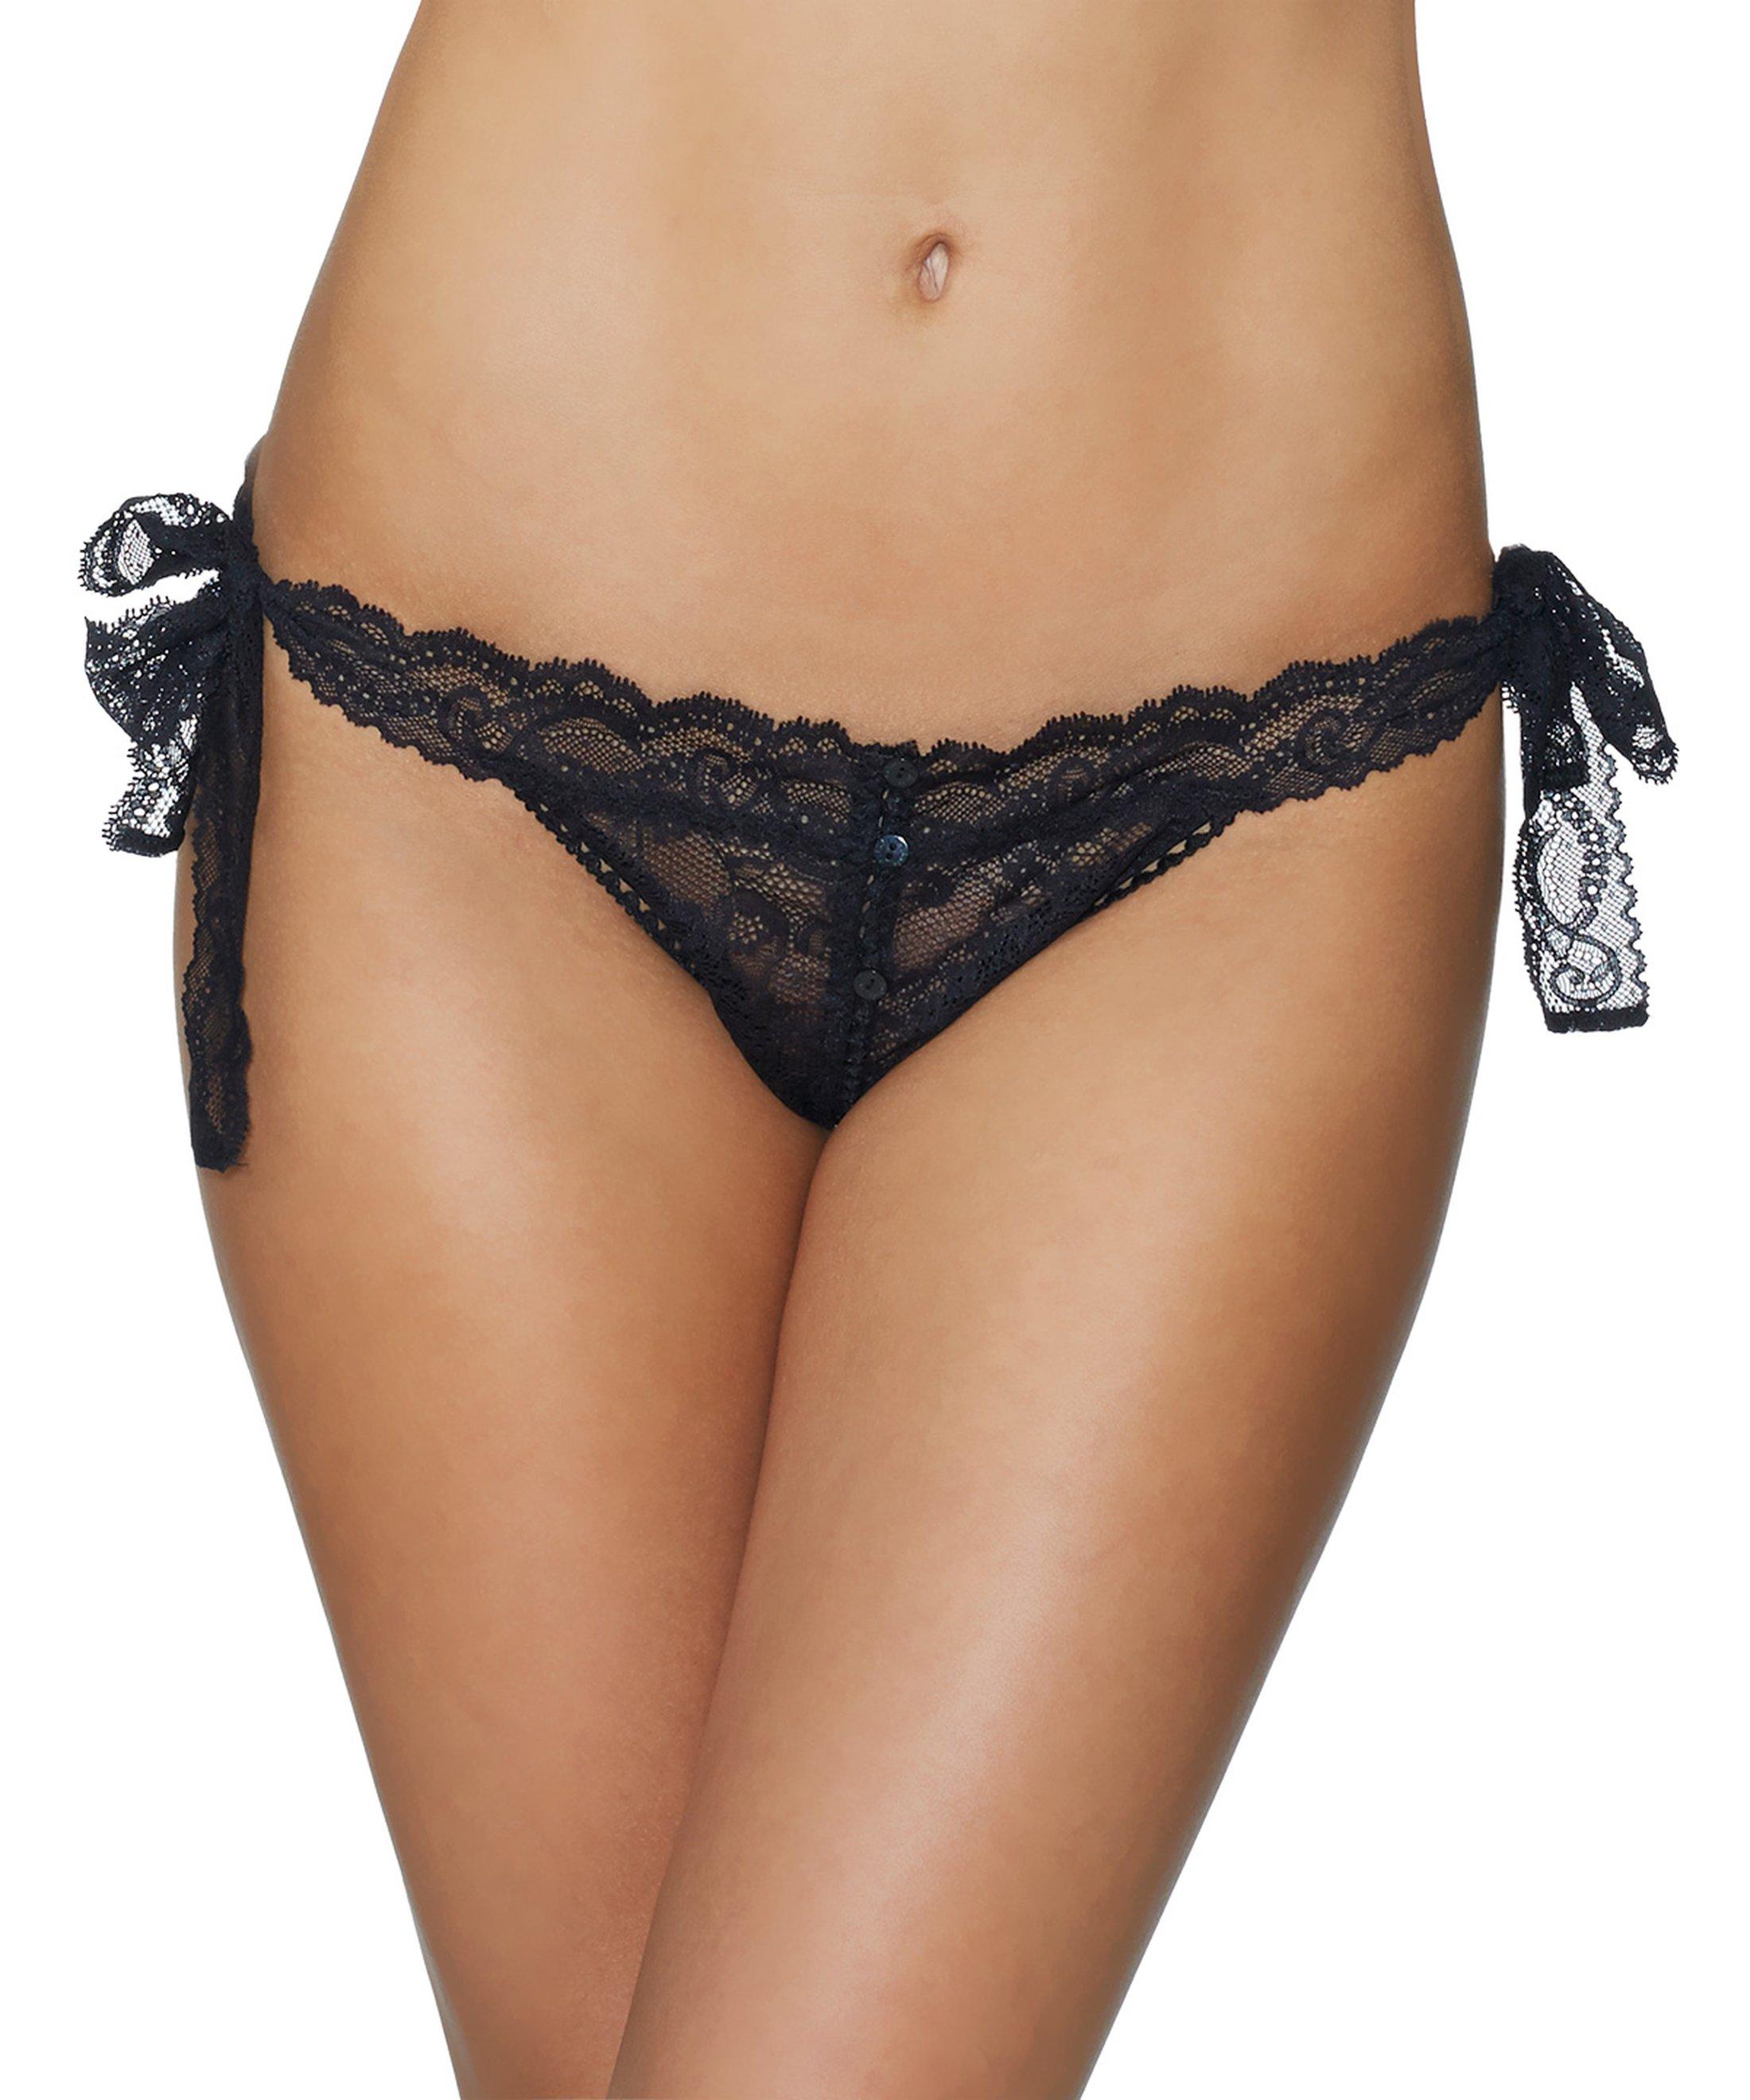 BOÎTE À DÉSIR Bikini Culotte Coquine Black | Aubade